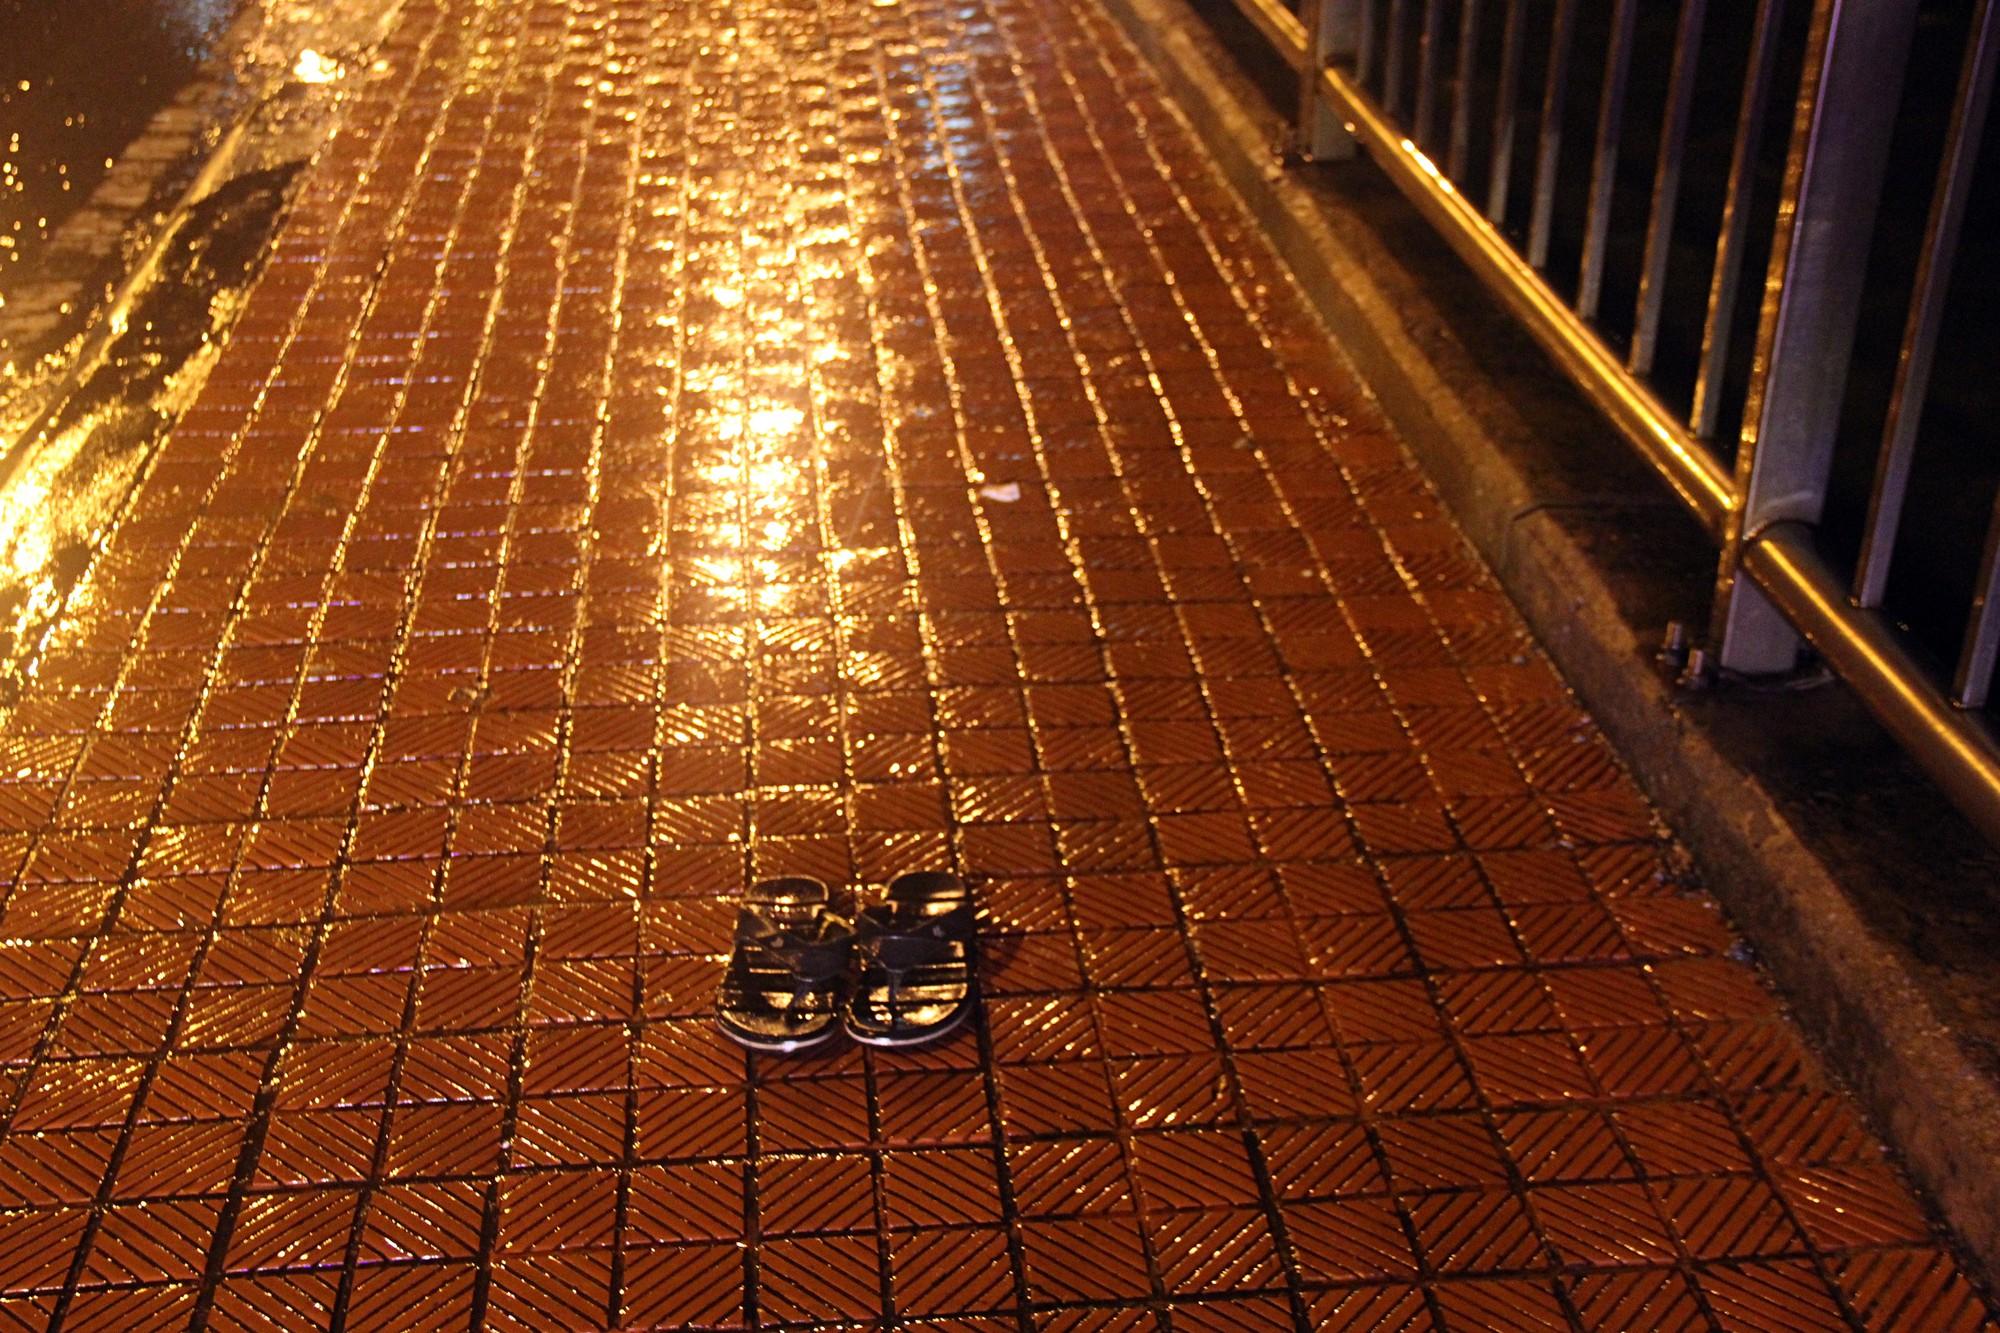 Quảng Bình: Đang đi cùng cha trên cầu, nam sinh viên bất ngờ nhảy sông tự tử - Ảnh 2.